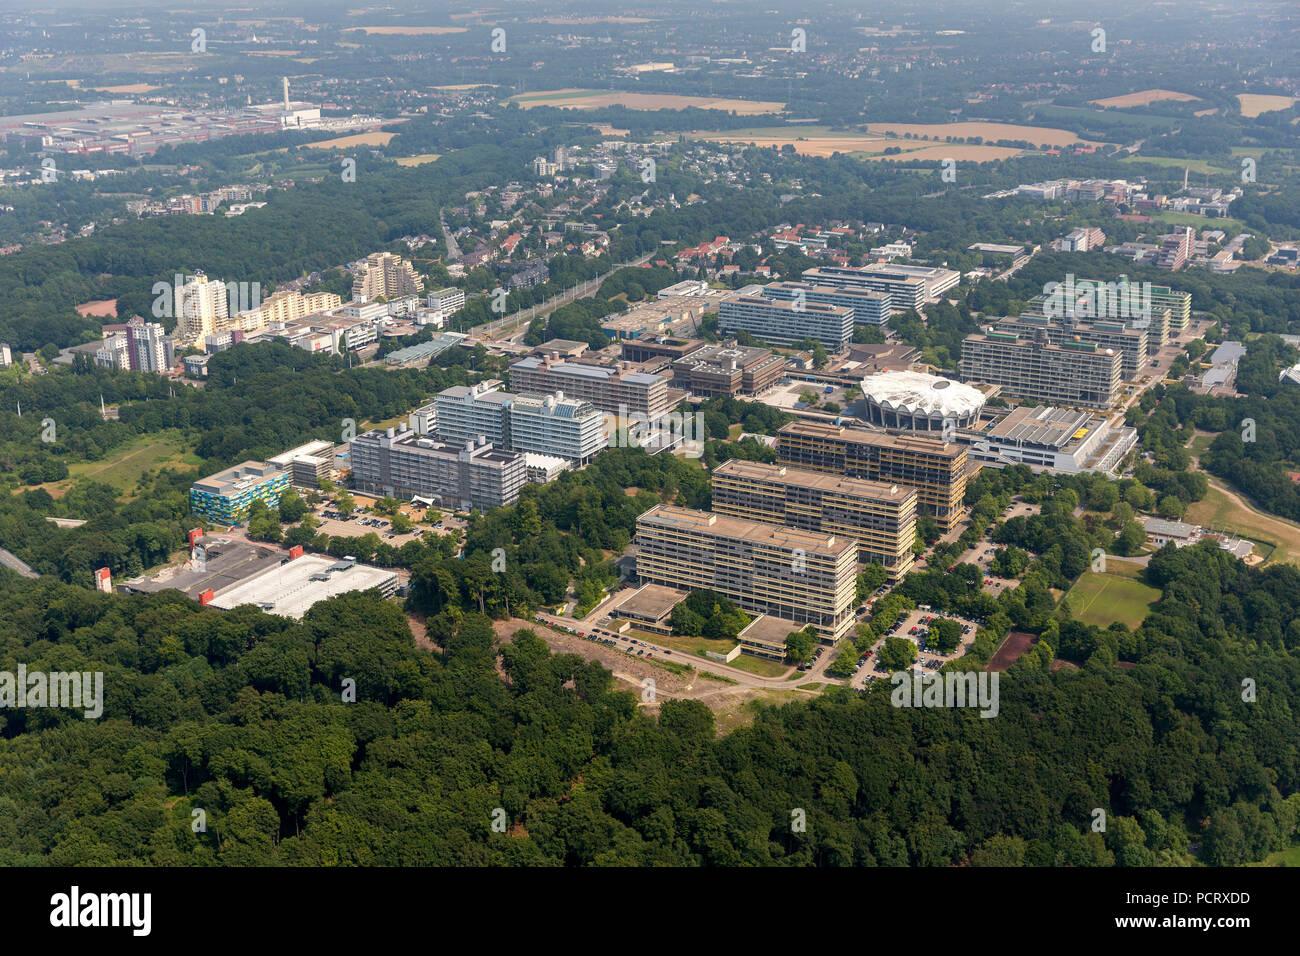 Ruhr University Bochum RUB, aerial view of Bochum - Stock Image